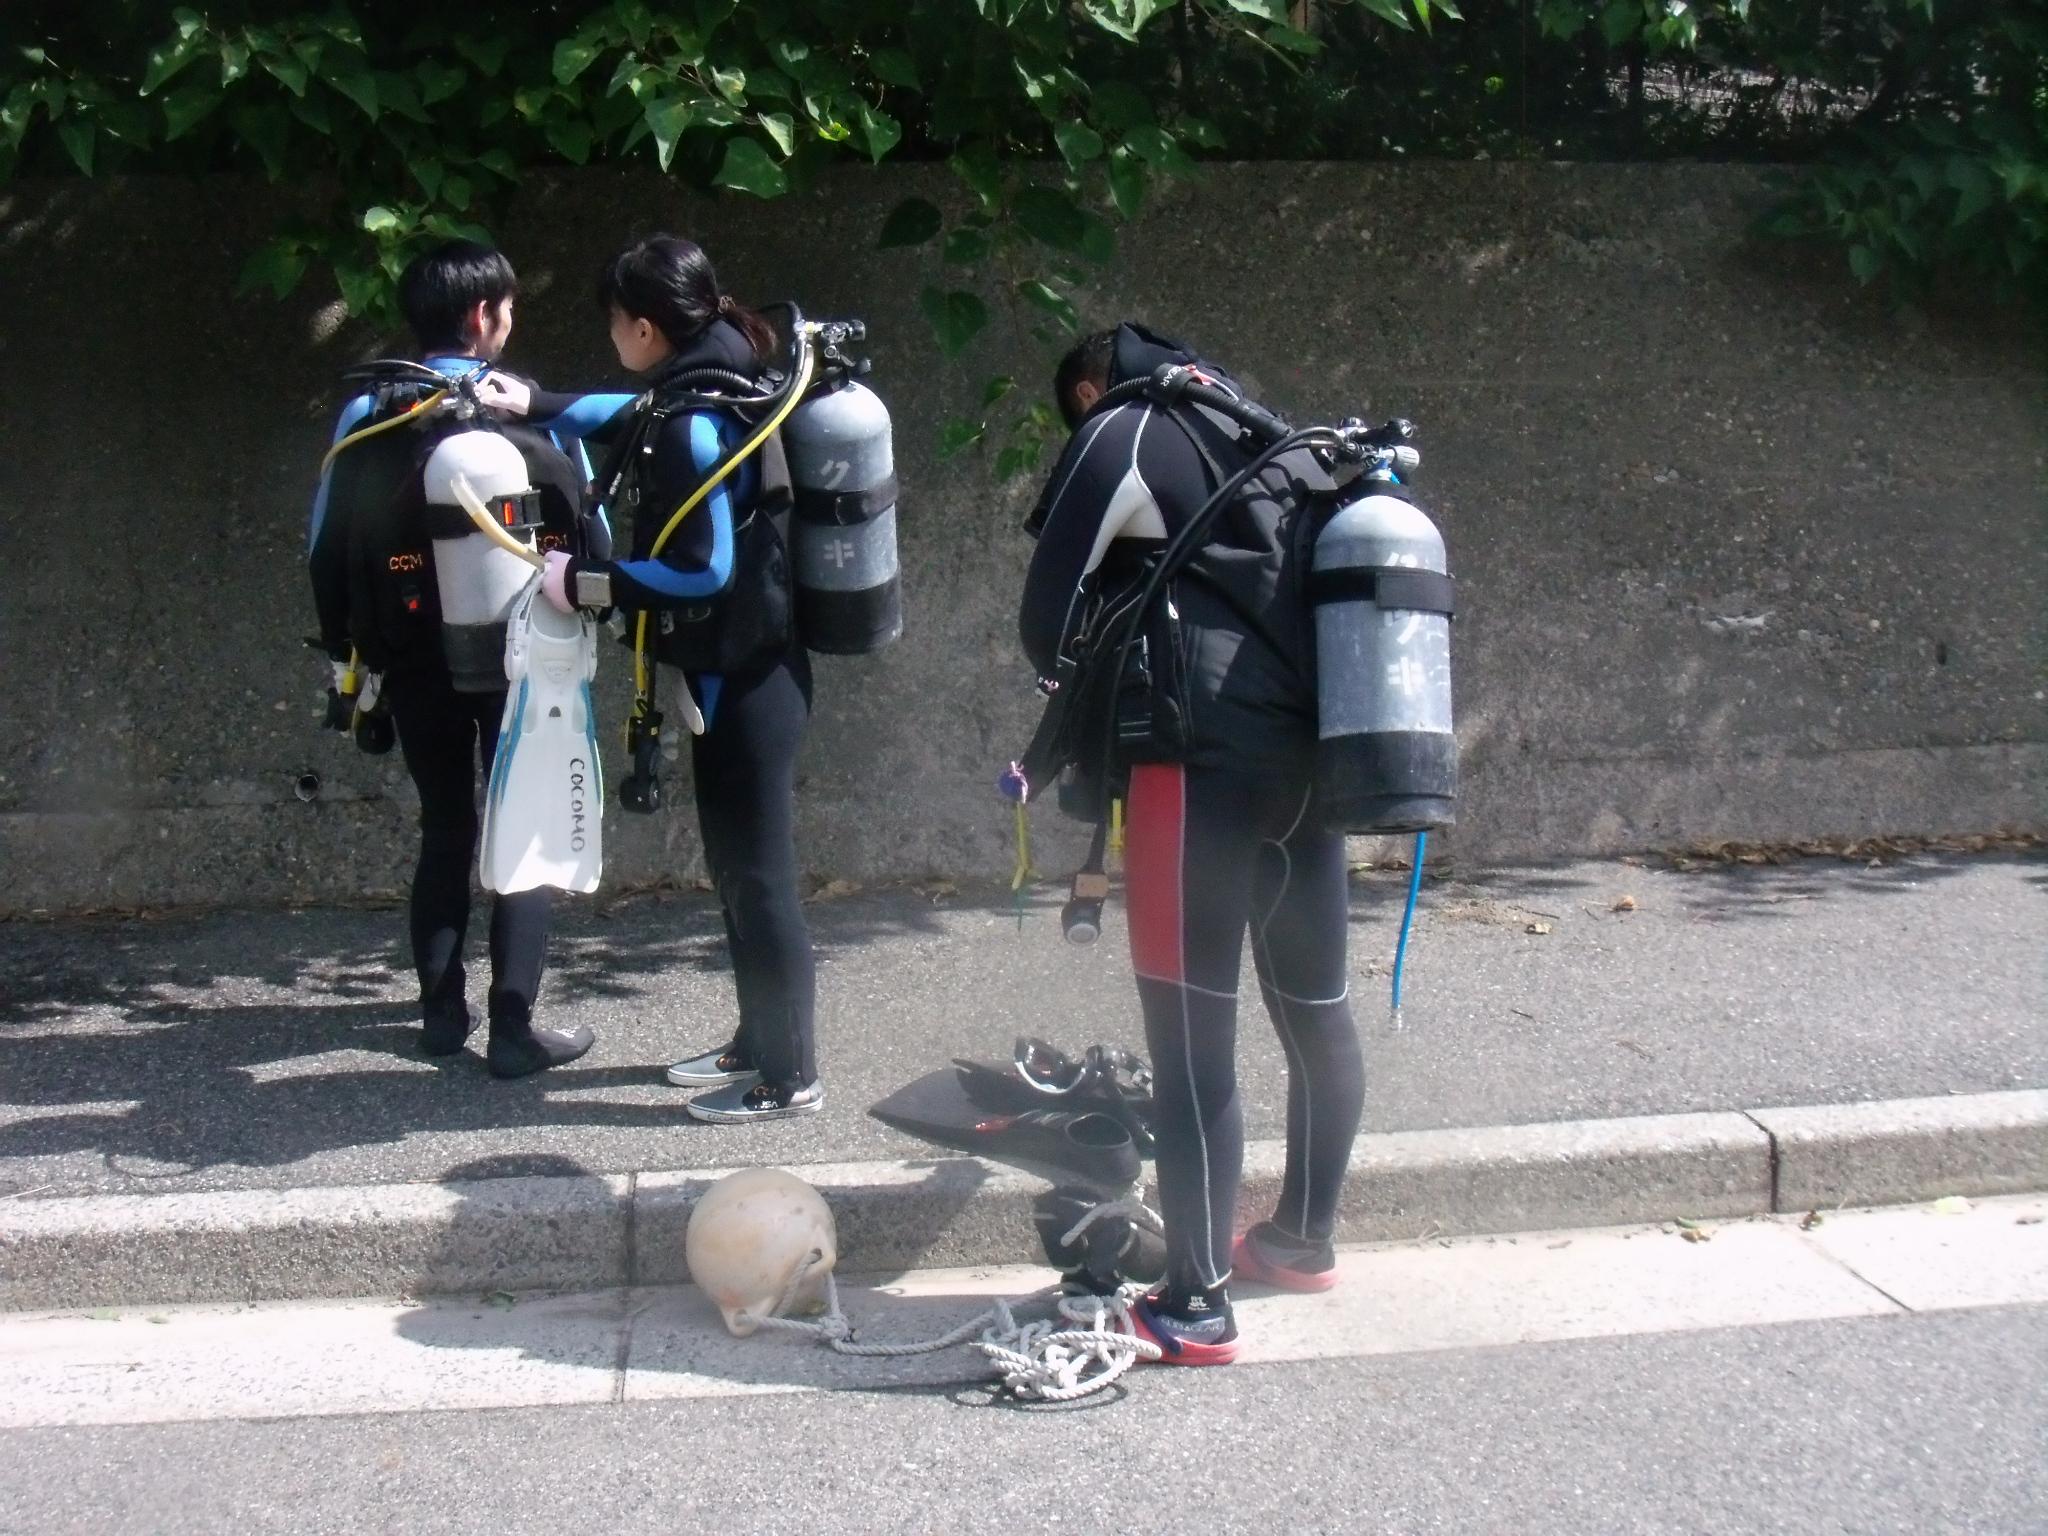 ダイビングライセンス取得コース海洋実習、プロ向けレベルアップコース実施